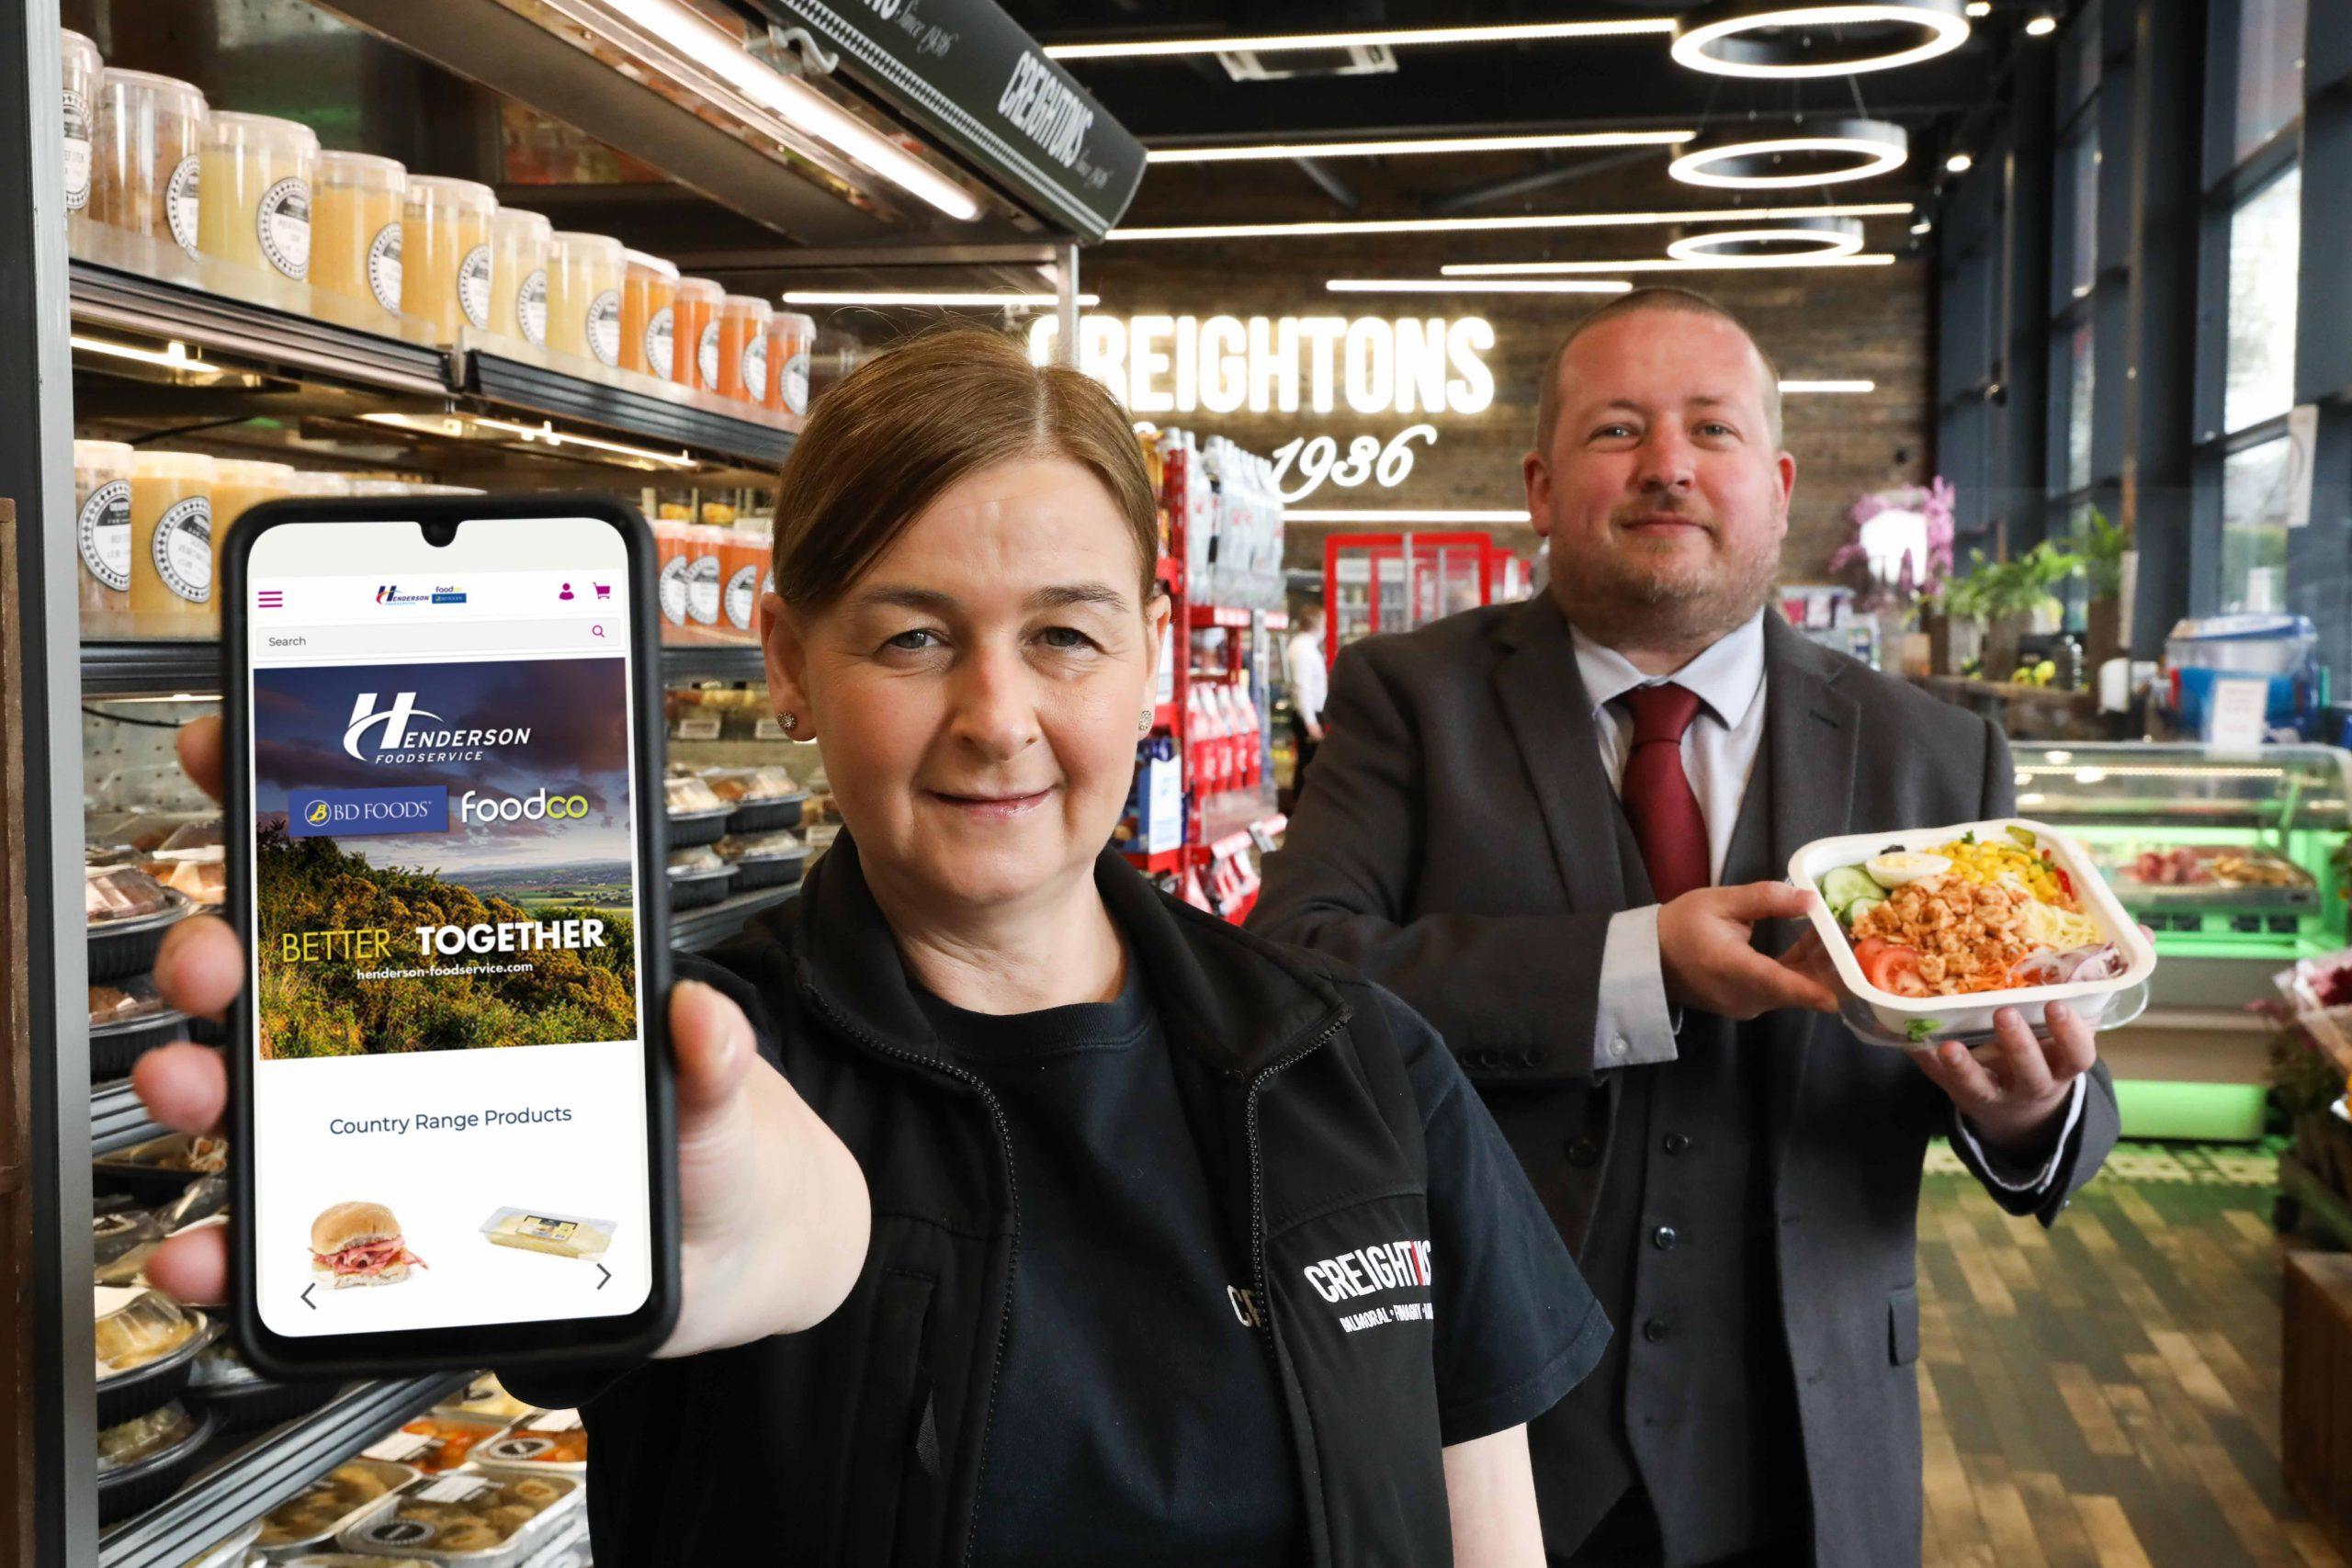 Global e-commerce award for Henderson Foodservice